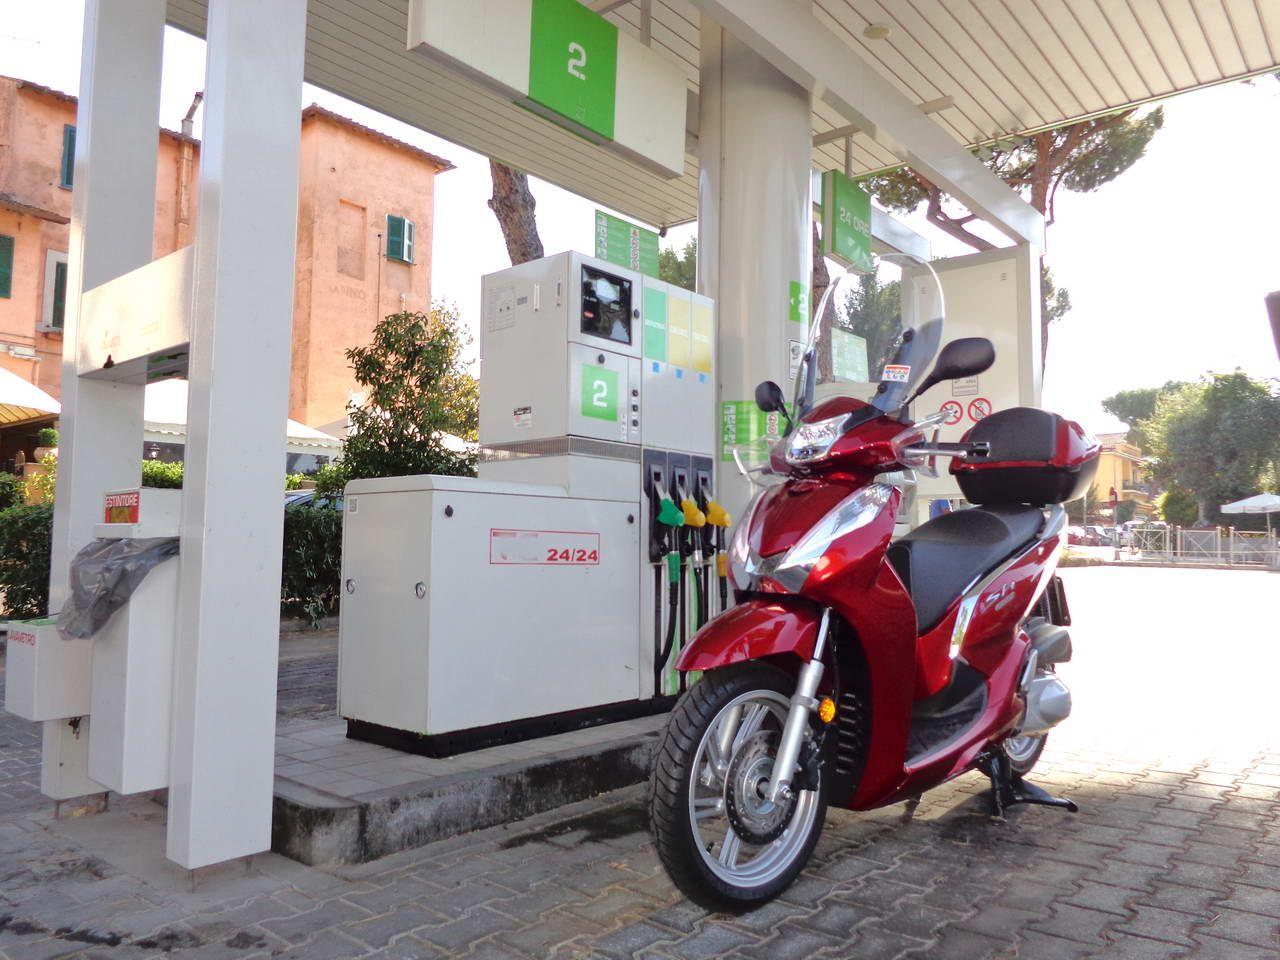 Scooter Honda Sh300i 2016 Euro4 Test Consumi Gponecom